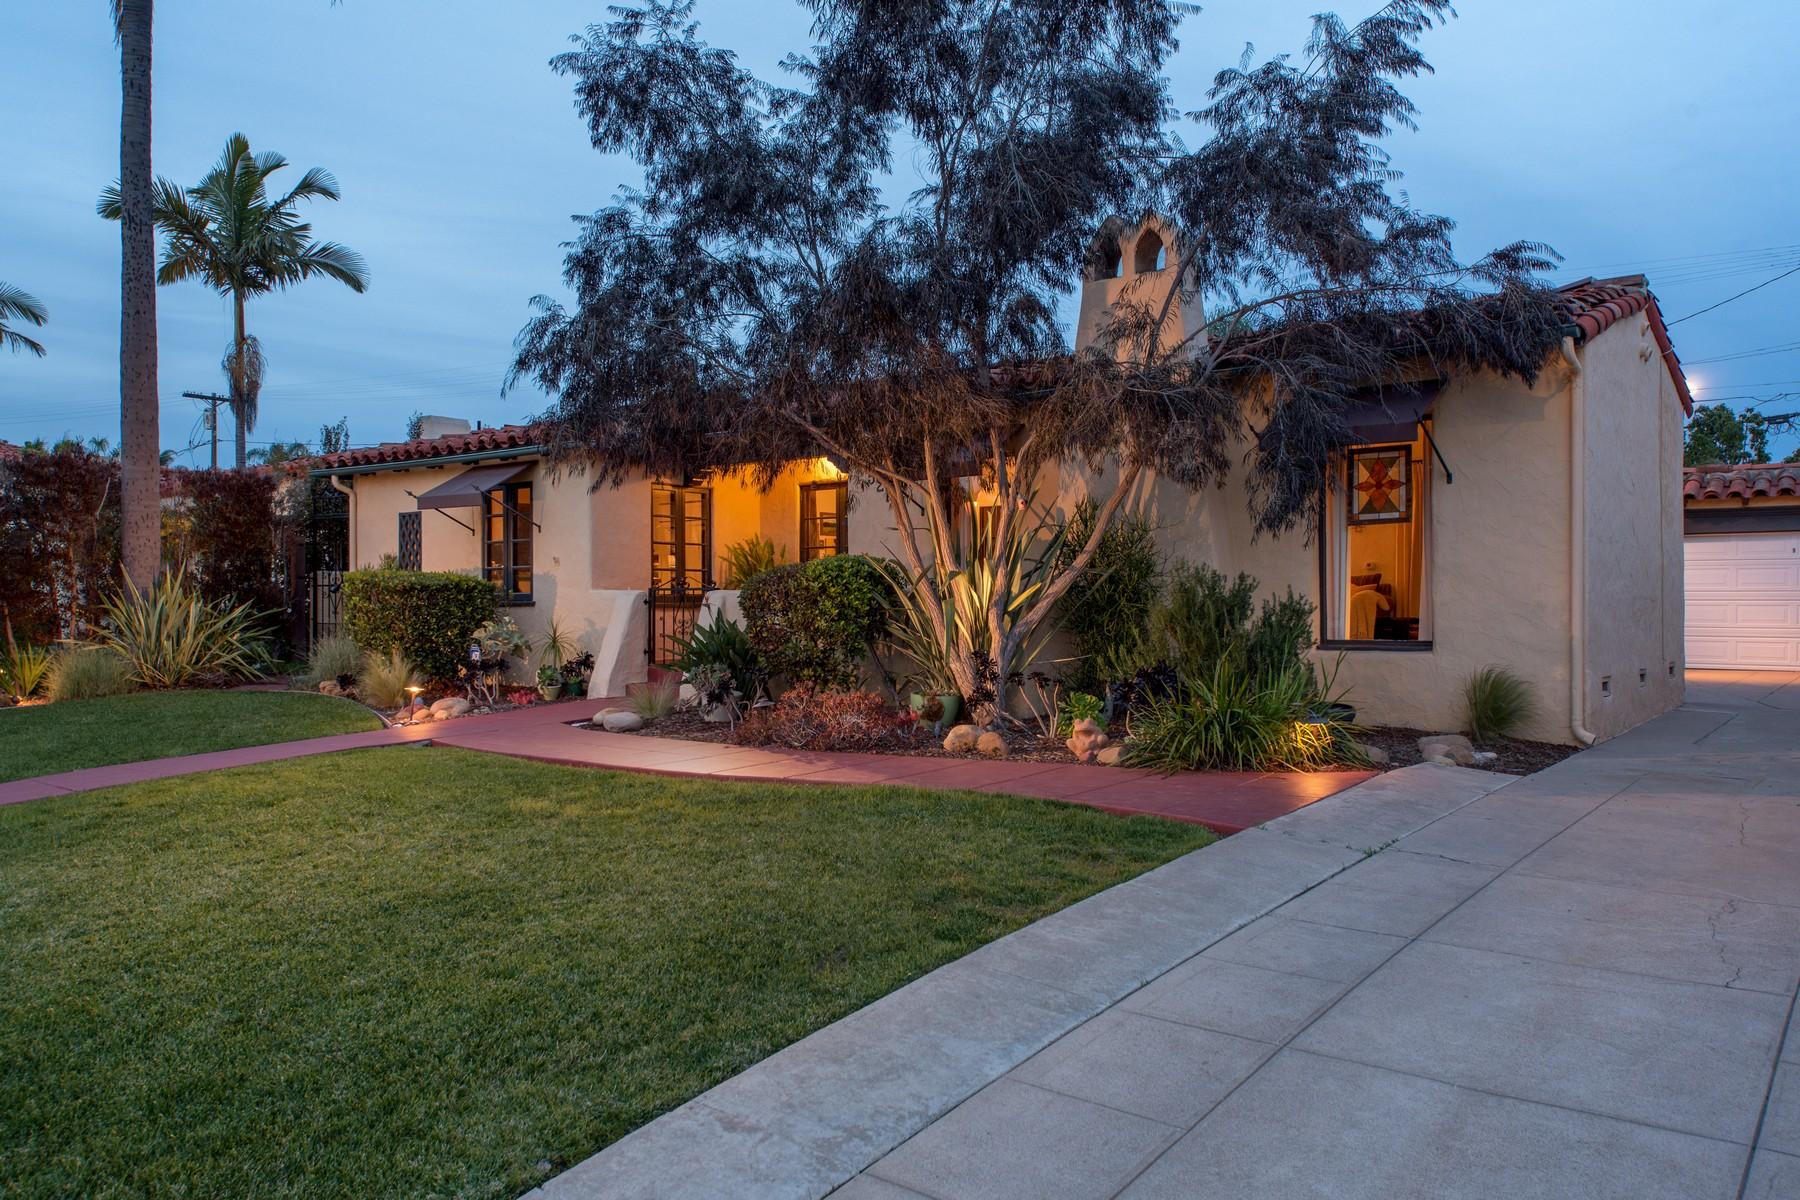 独户住宅 为 销售 在 5217 Canterbury Drive Kensington, 圣地亚哥, 加利福尼亚州, 92116 美国